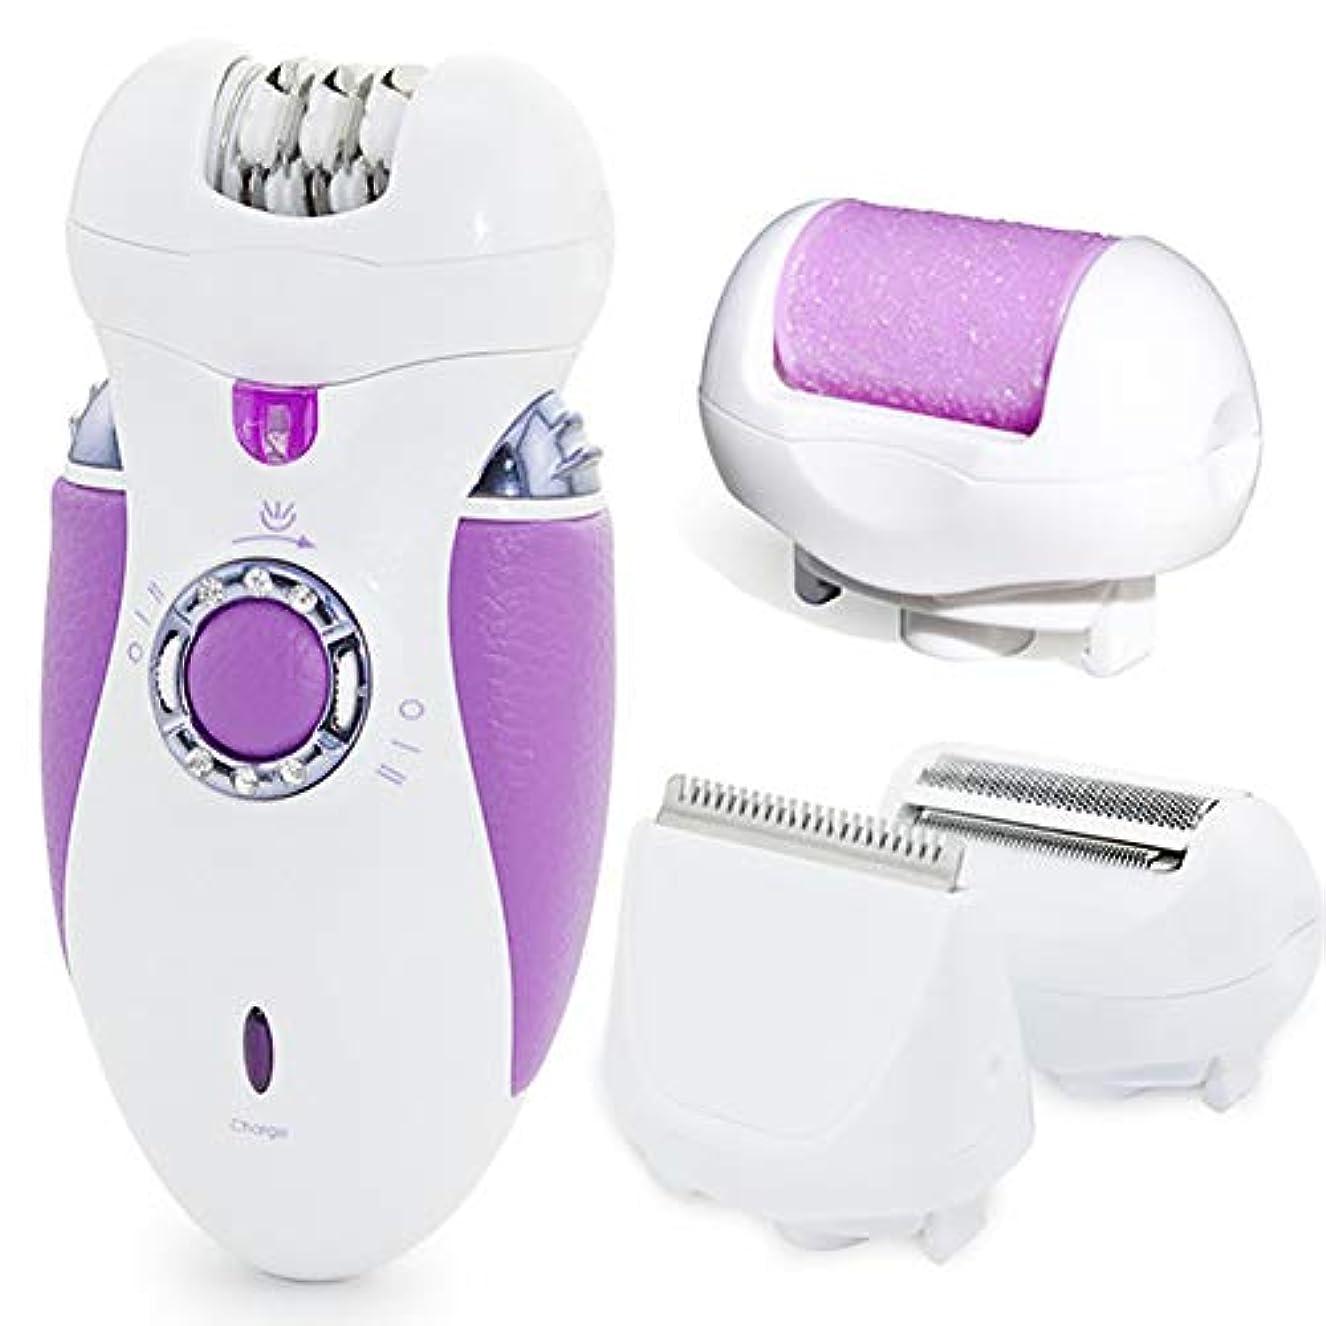 運命地質学お気に入り女性のための脱毛器、1シェーバー電気かみそりを含むウェット&ドライ電気シェーバー脱毛で4防水レディー電気シェーバーコードレス,紫色